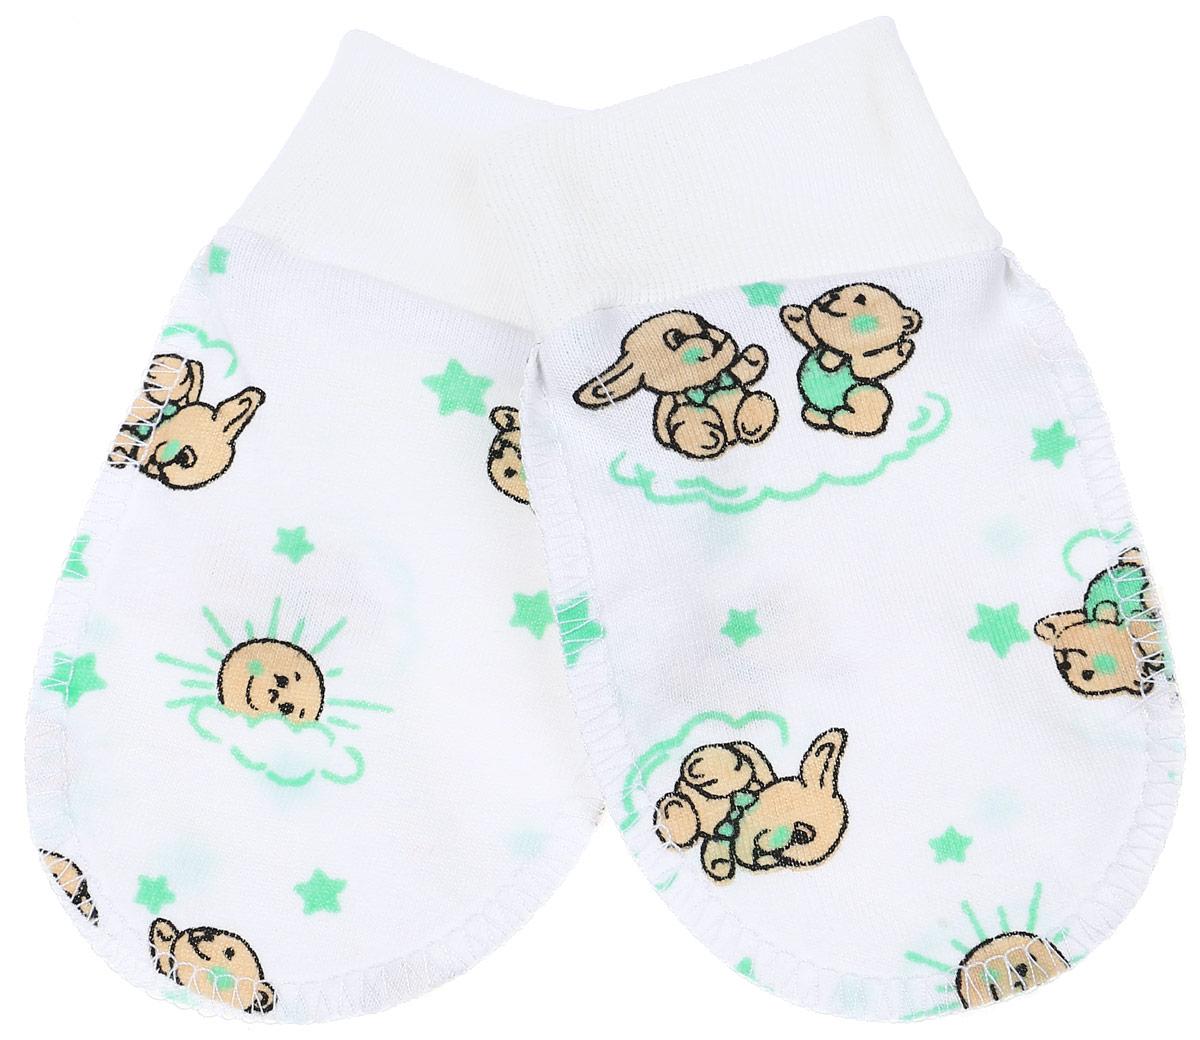 Рукавички Чудесные одежки, цвет: белый, салатовый, бежевый. 5906. Размер 625906Рукавички для младенцев Чудесные одежки изготовлены из натурального хлопка. Они не раздражают нежную кожу ребенка. Широкие мягкие резинки не стягивают ручки. Швы выполнены на лицевую сторону.